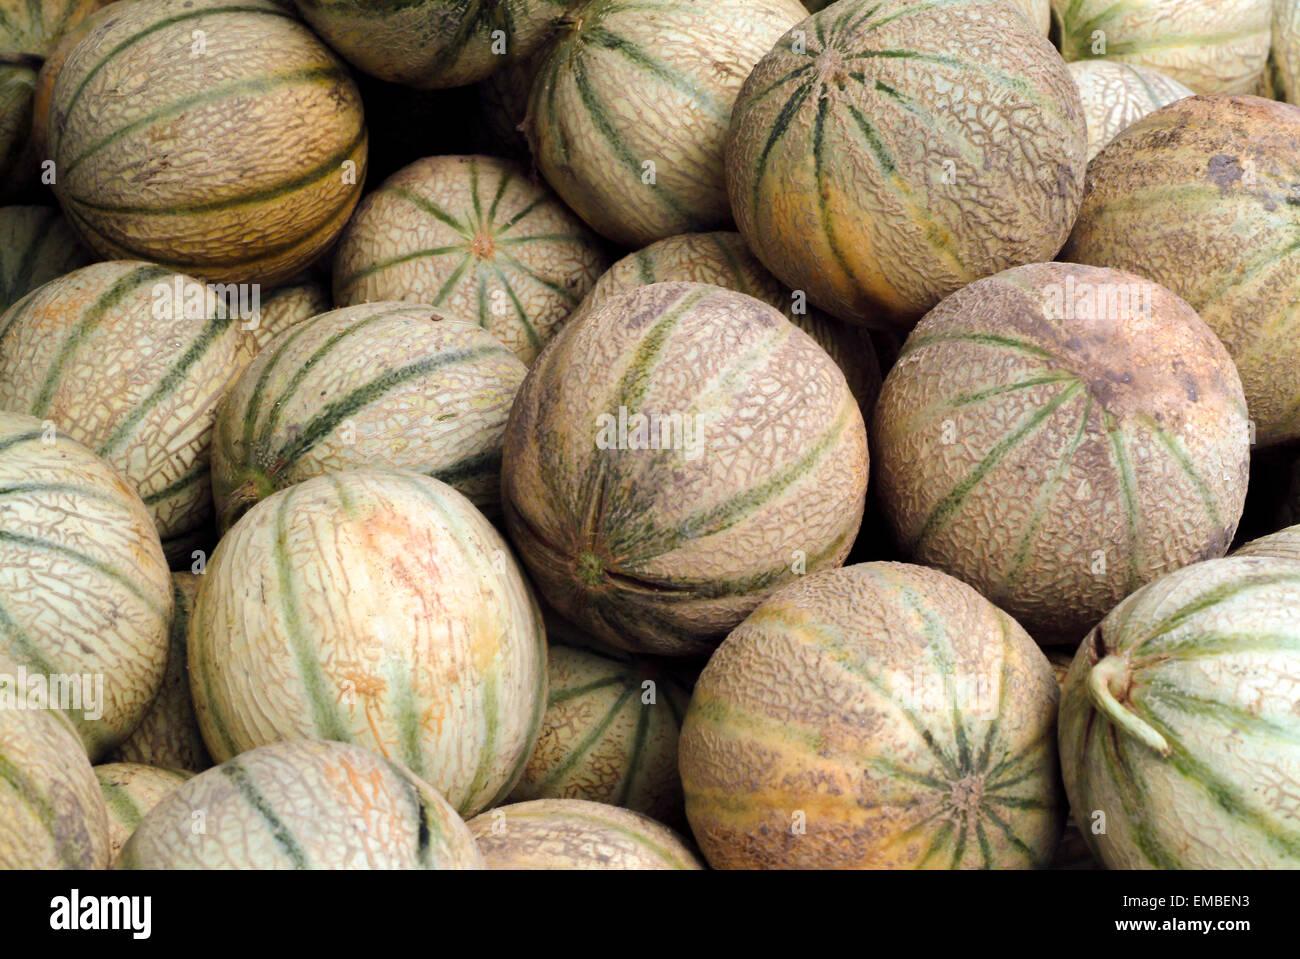 Muskmelon o melón cantaloupe o compensado en un mercado stand en Provence Francia Imagen De Stock